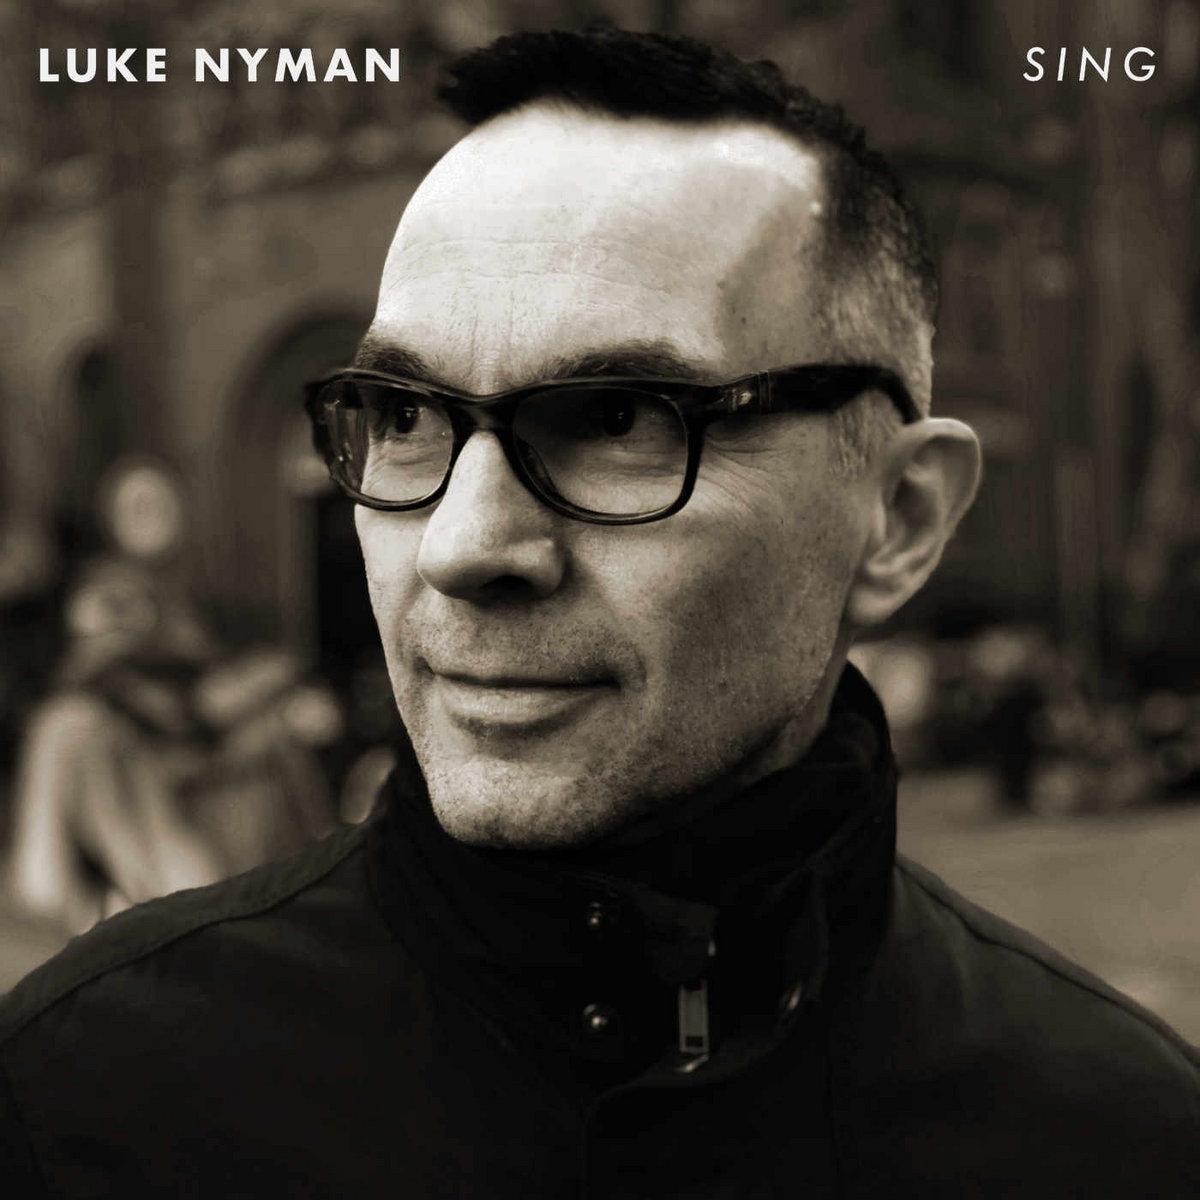 Sing by Luke Nyman